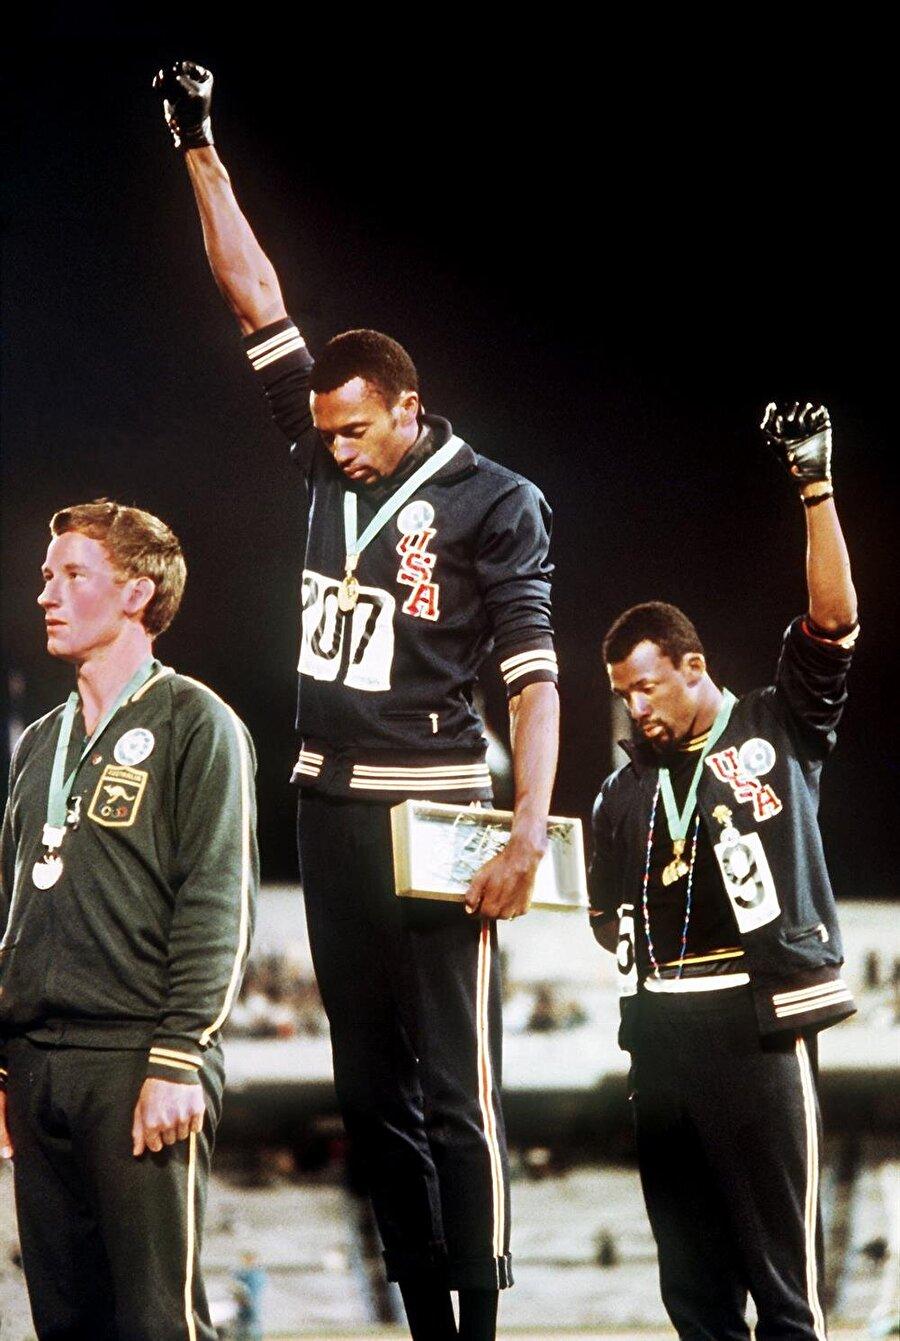 'Irkçılığa hayır'                                                                                                                 1968 Yaz Olimpiyatları Meksika'nın başkenti Mexico City'de düzenlendi. 107 madalya ile ABD'nin şampiyon olduğu oyunlar ise hafızalara ırkçılığa karşı yapılan tarihi protesto ile kazındı. 200 metre yarışını birinci olarak Tommie Smith kazanır. İkinciliği ise Peter Norman ve üçüncülüğü John Carlos elde eder. Sporcular kürsüye çıkar ve milli marşlar okunmaya başlar. İşte o anda Smith ve Carlos ellerine siyah eldivenler geçirir ve havaya kaldırır. Peter Norman ise göğsündeki ırkçılık karşıtı rozetle protestoya destek olur. Siyahi sporcular taktıkları eldivenlerin siyahi gururu, ayaklarındaki siyah çorapların ise ırkçı Amerika'daki fakirliği gösterdiğini açıklarlar. Bu olayın ardından üç sporcu da hayatlarını çeşitli zorluklarla geçirir.